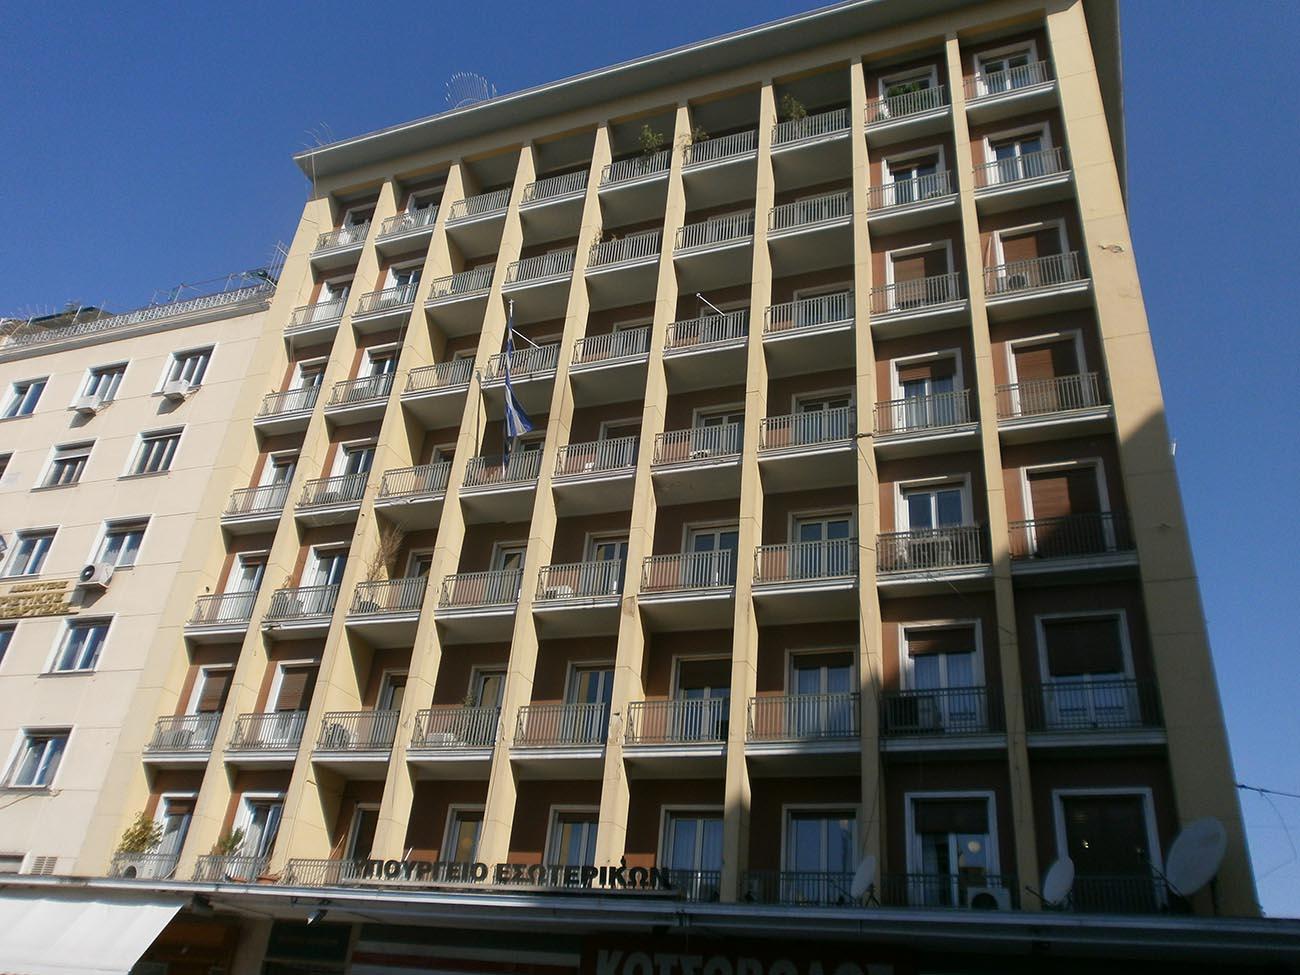 Έκτακτη ενίσχυση και στους δήμους της Αιτωλοακαρνανίας λόγω κορωνοϊού